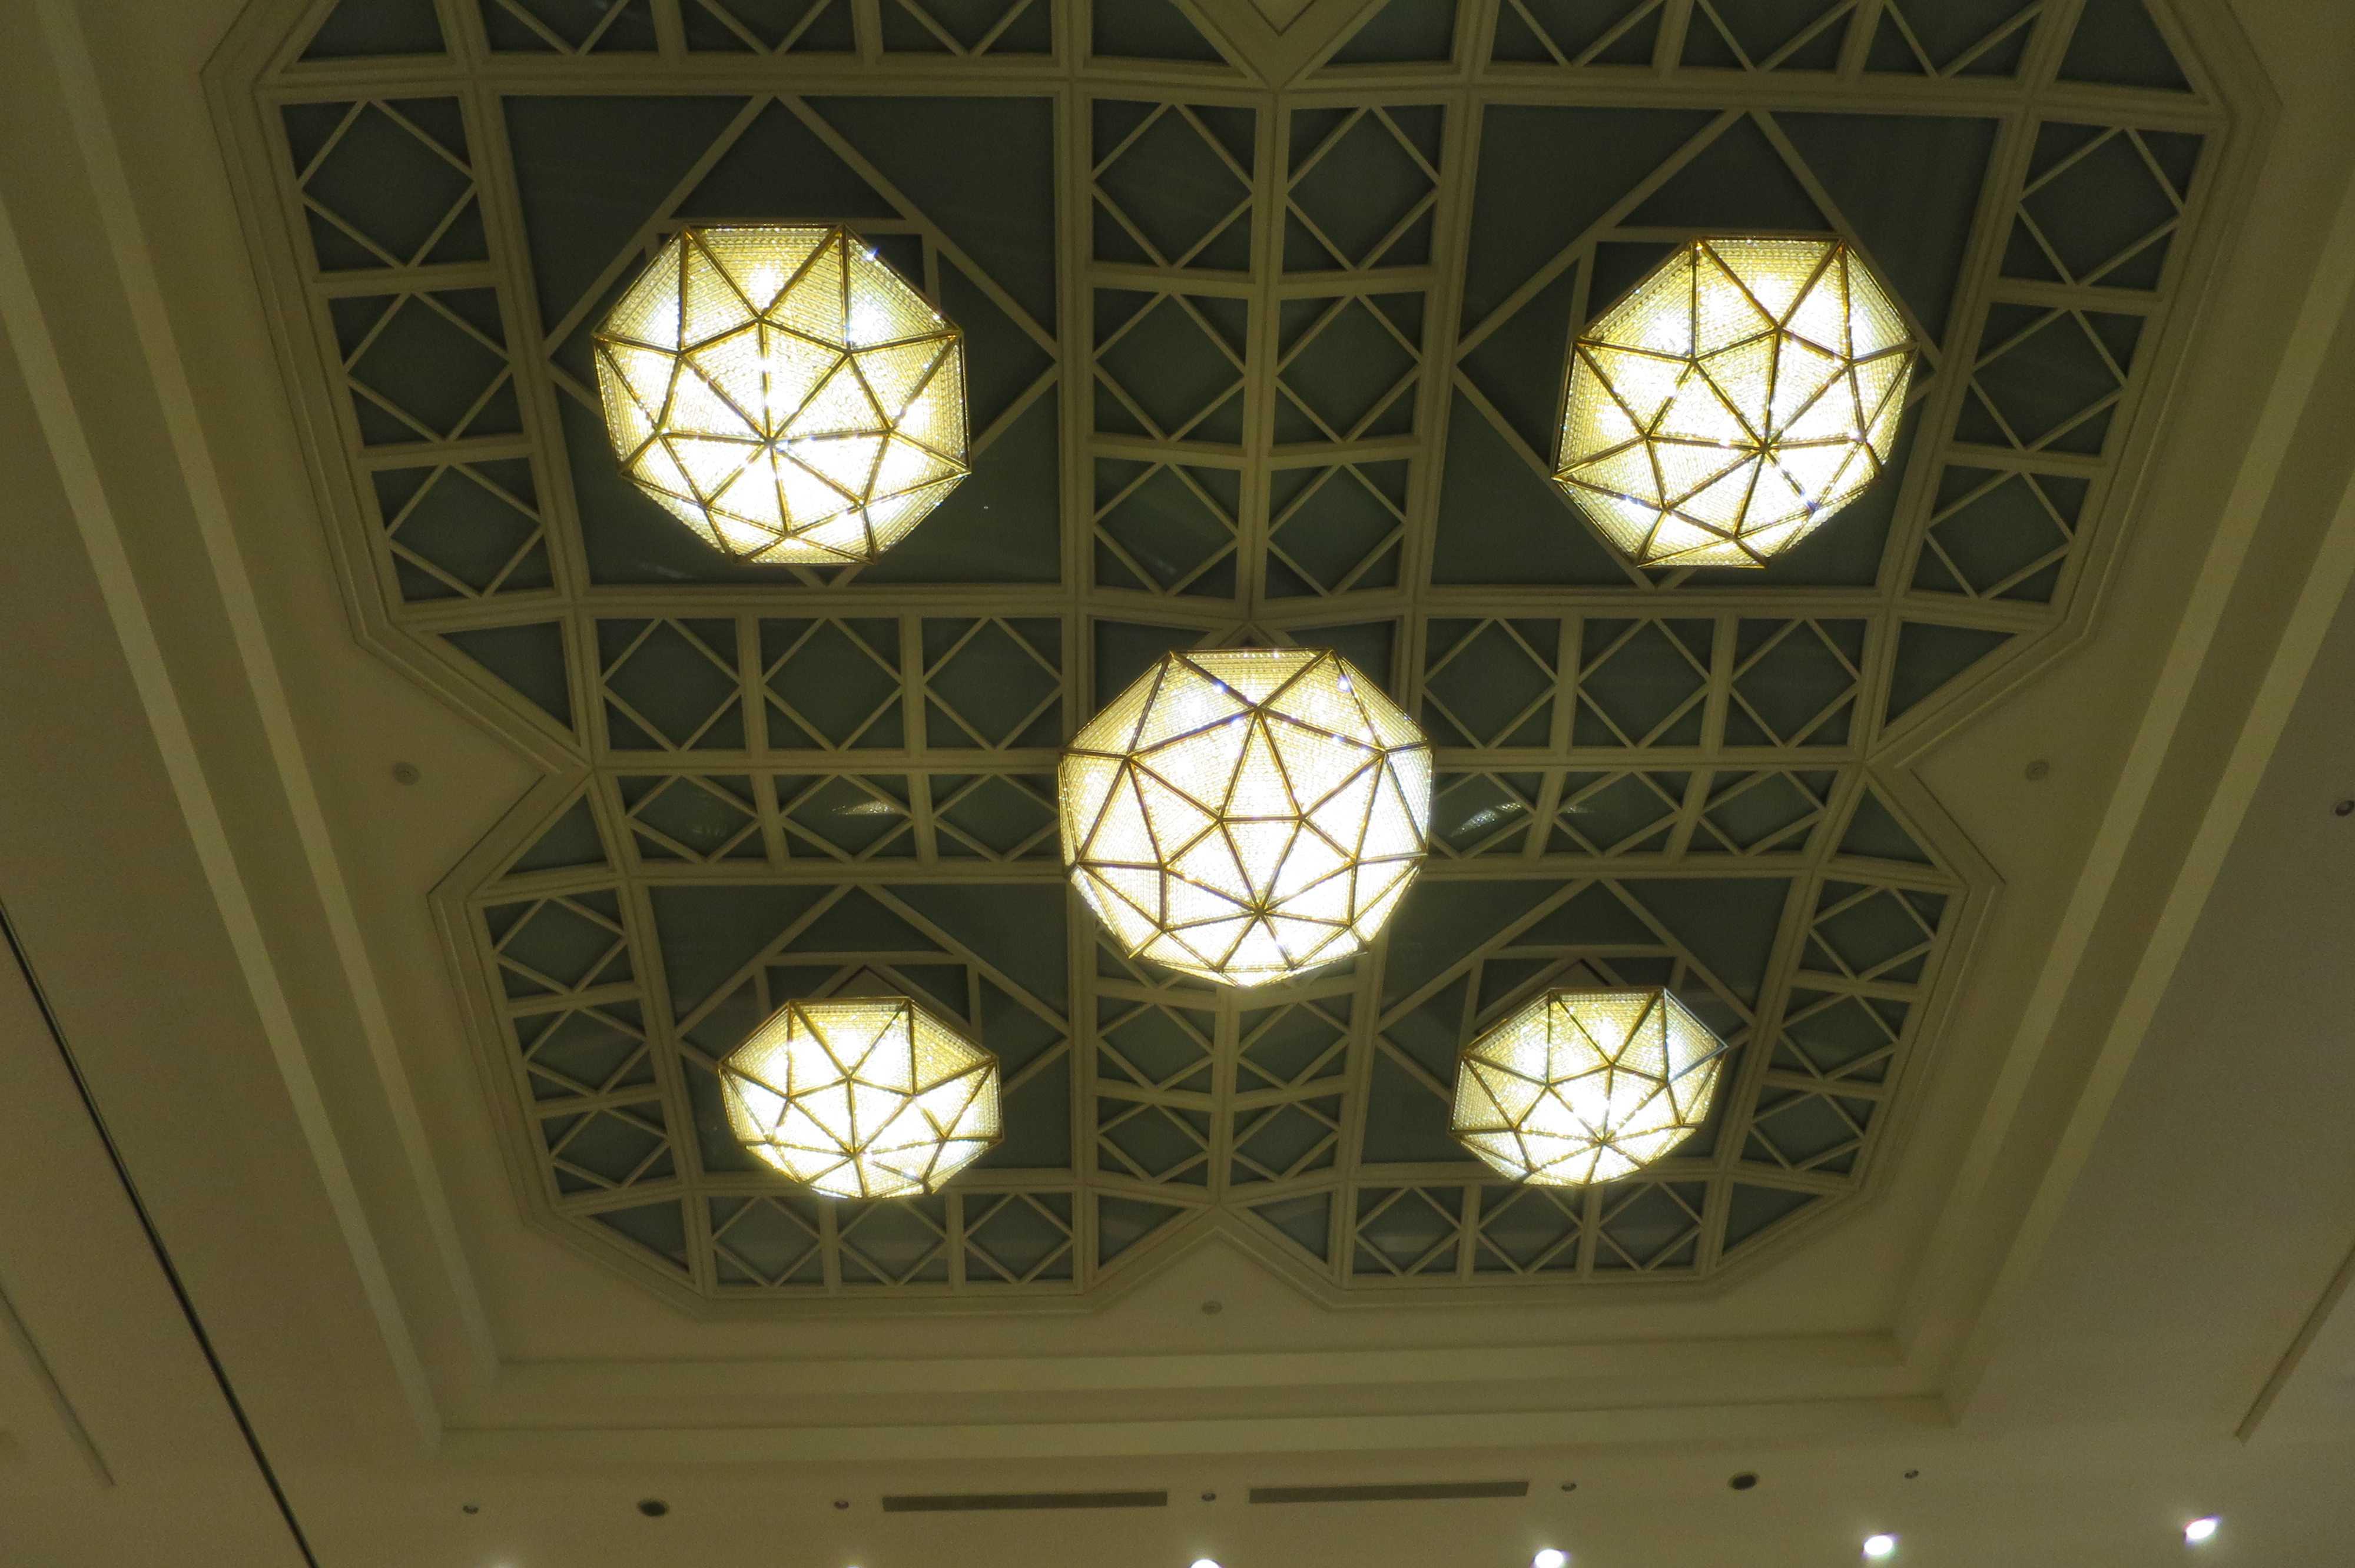 トーハク(東京国立博物館)の天井照明